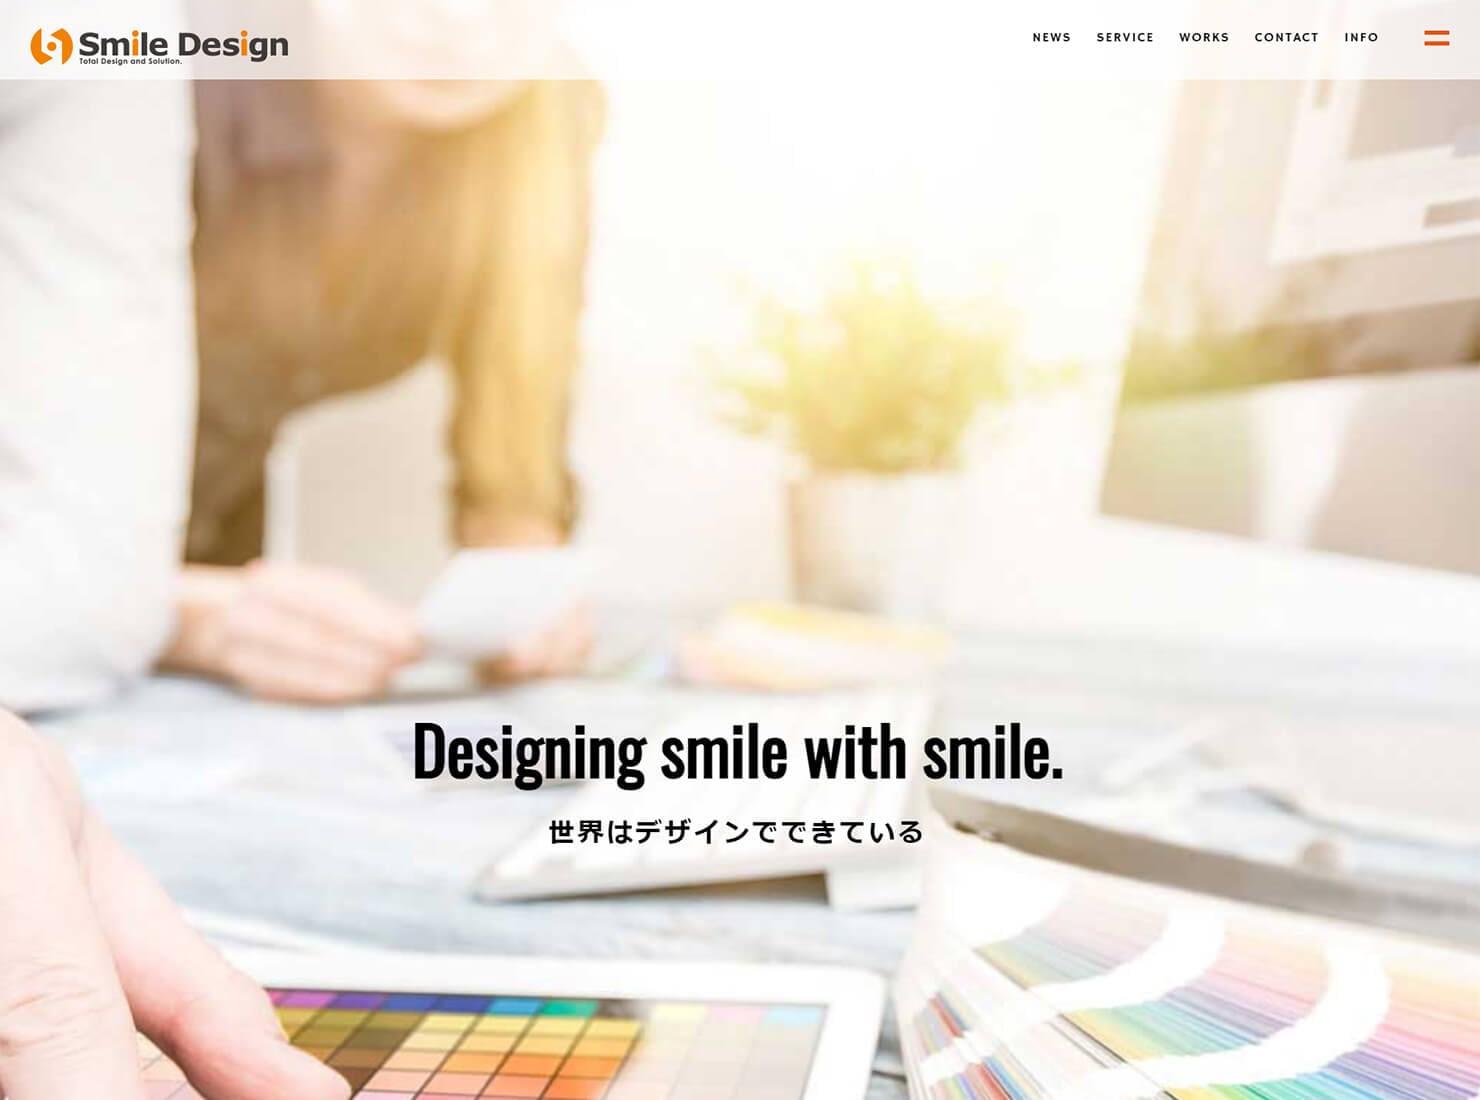 smiledesign